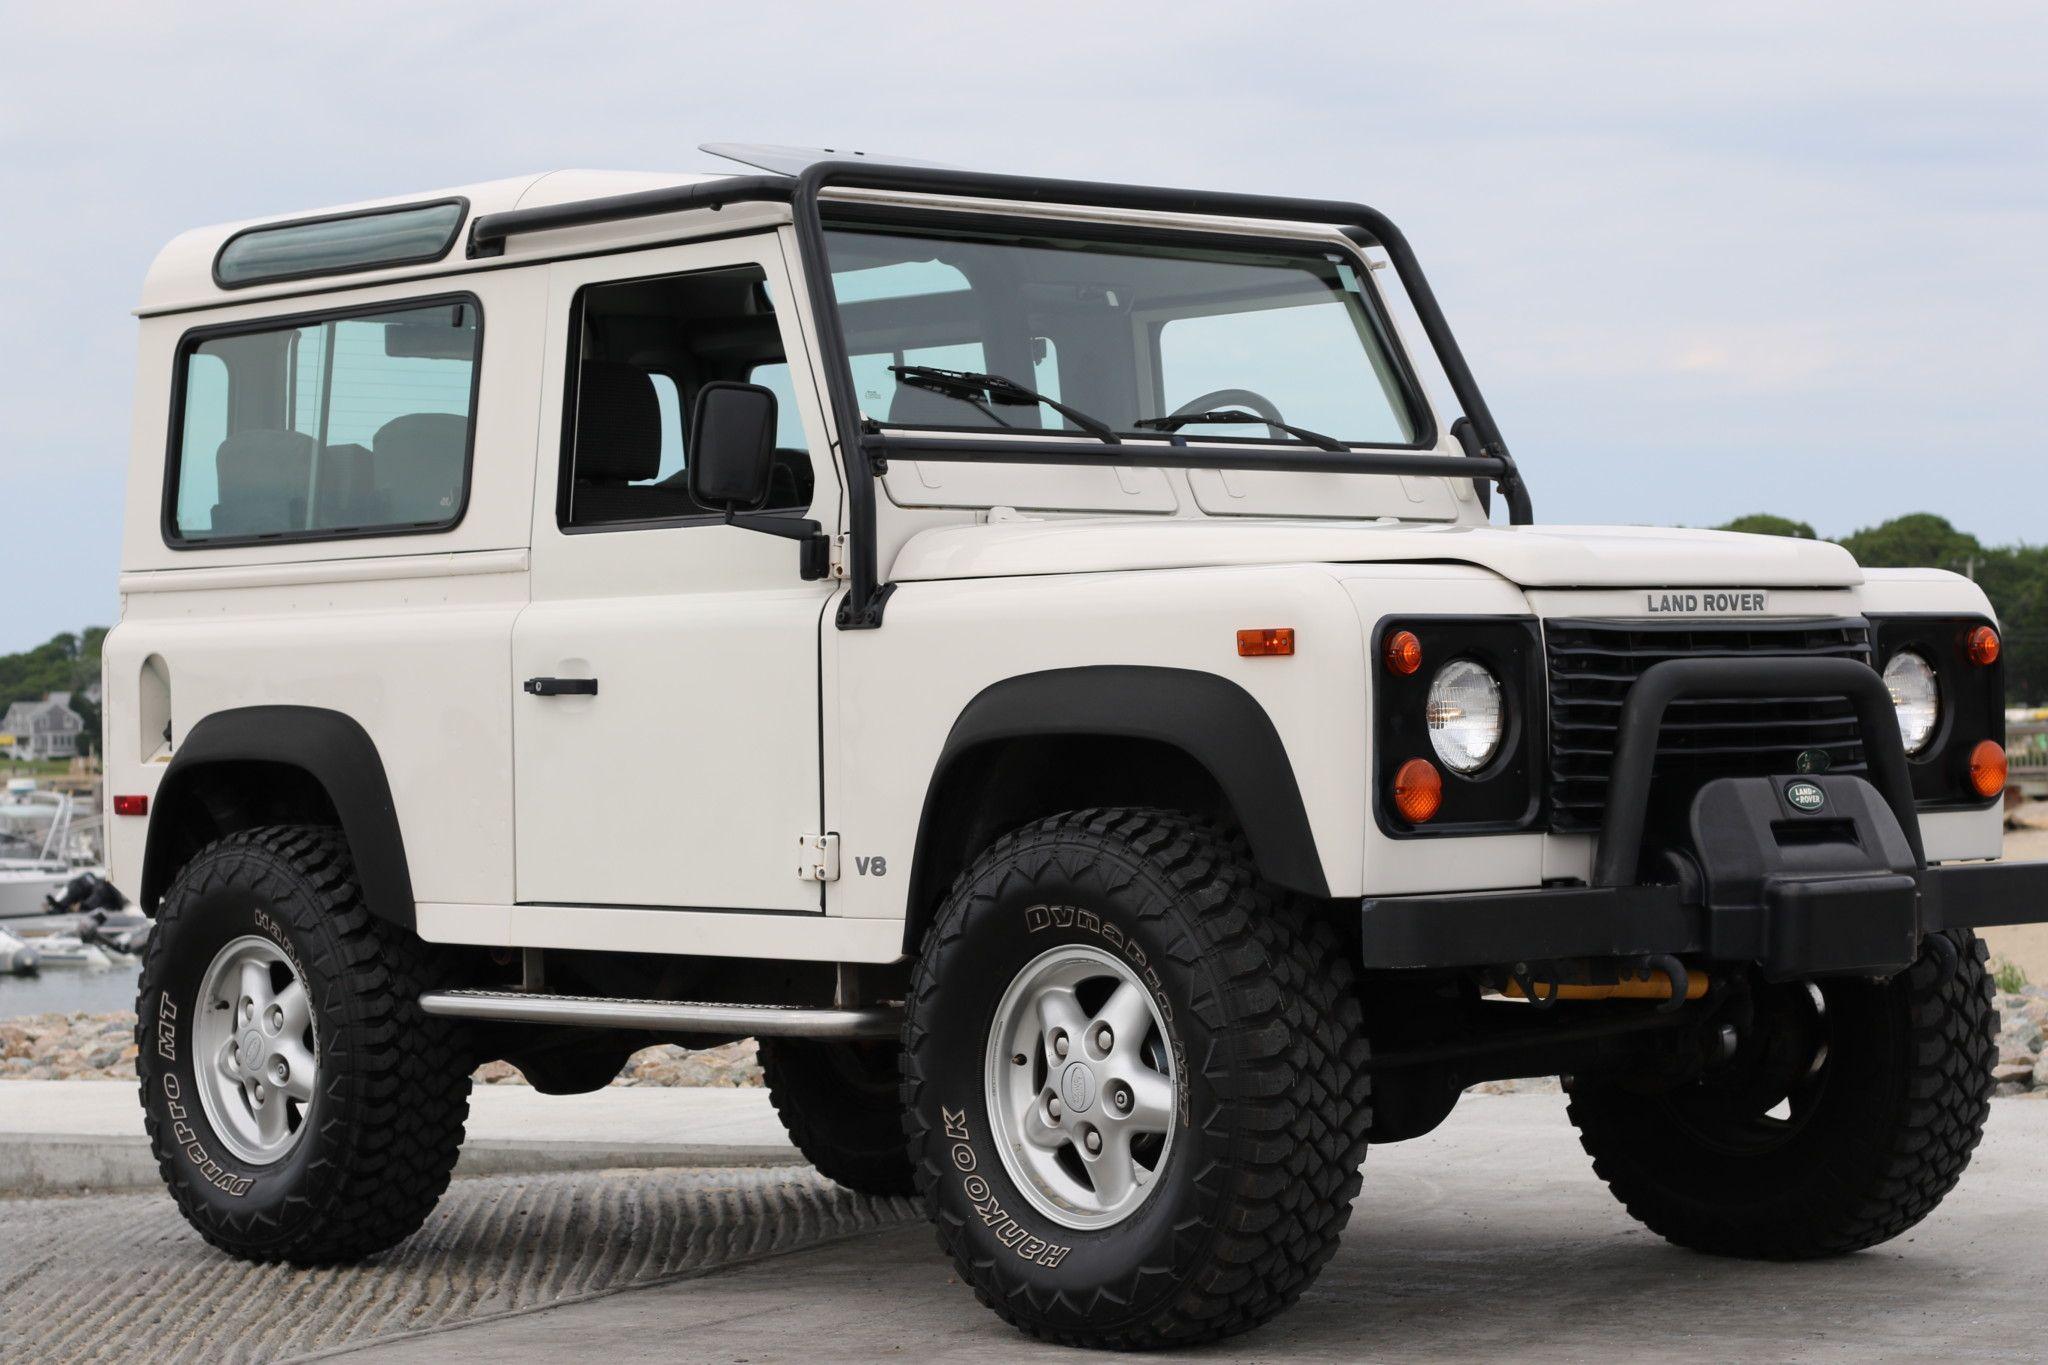 1994 Land Rover Defender 110 Worldwide Vintage Autos Land